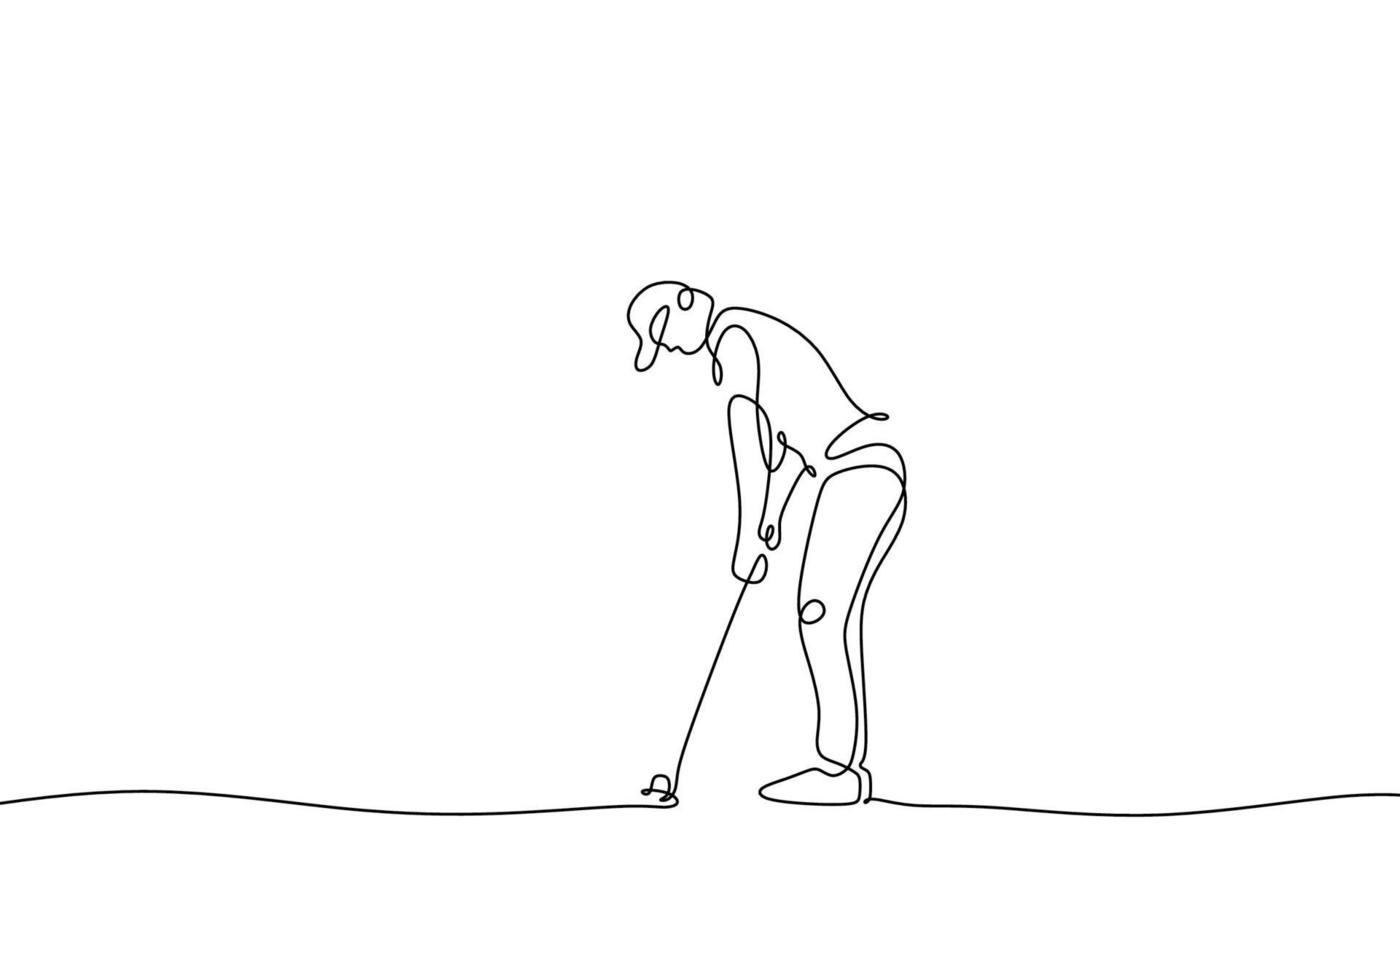 kontinuerlig ritning av en man som spelar golf vektor